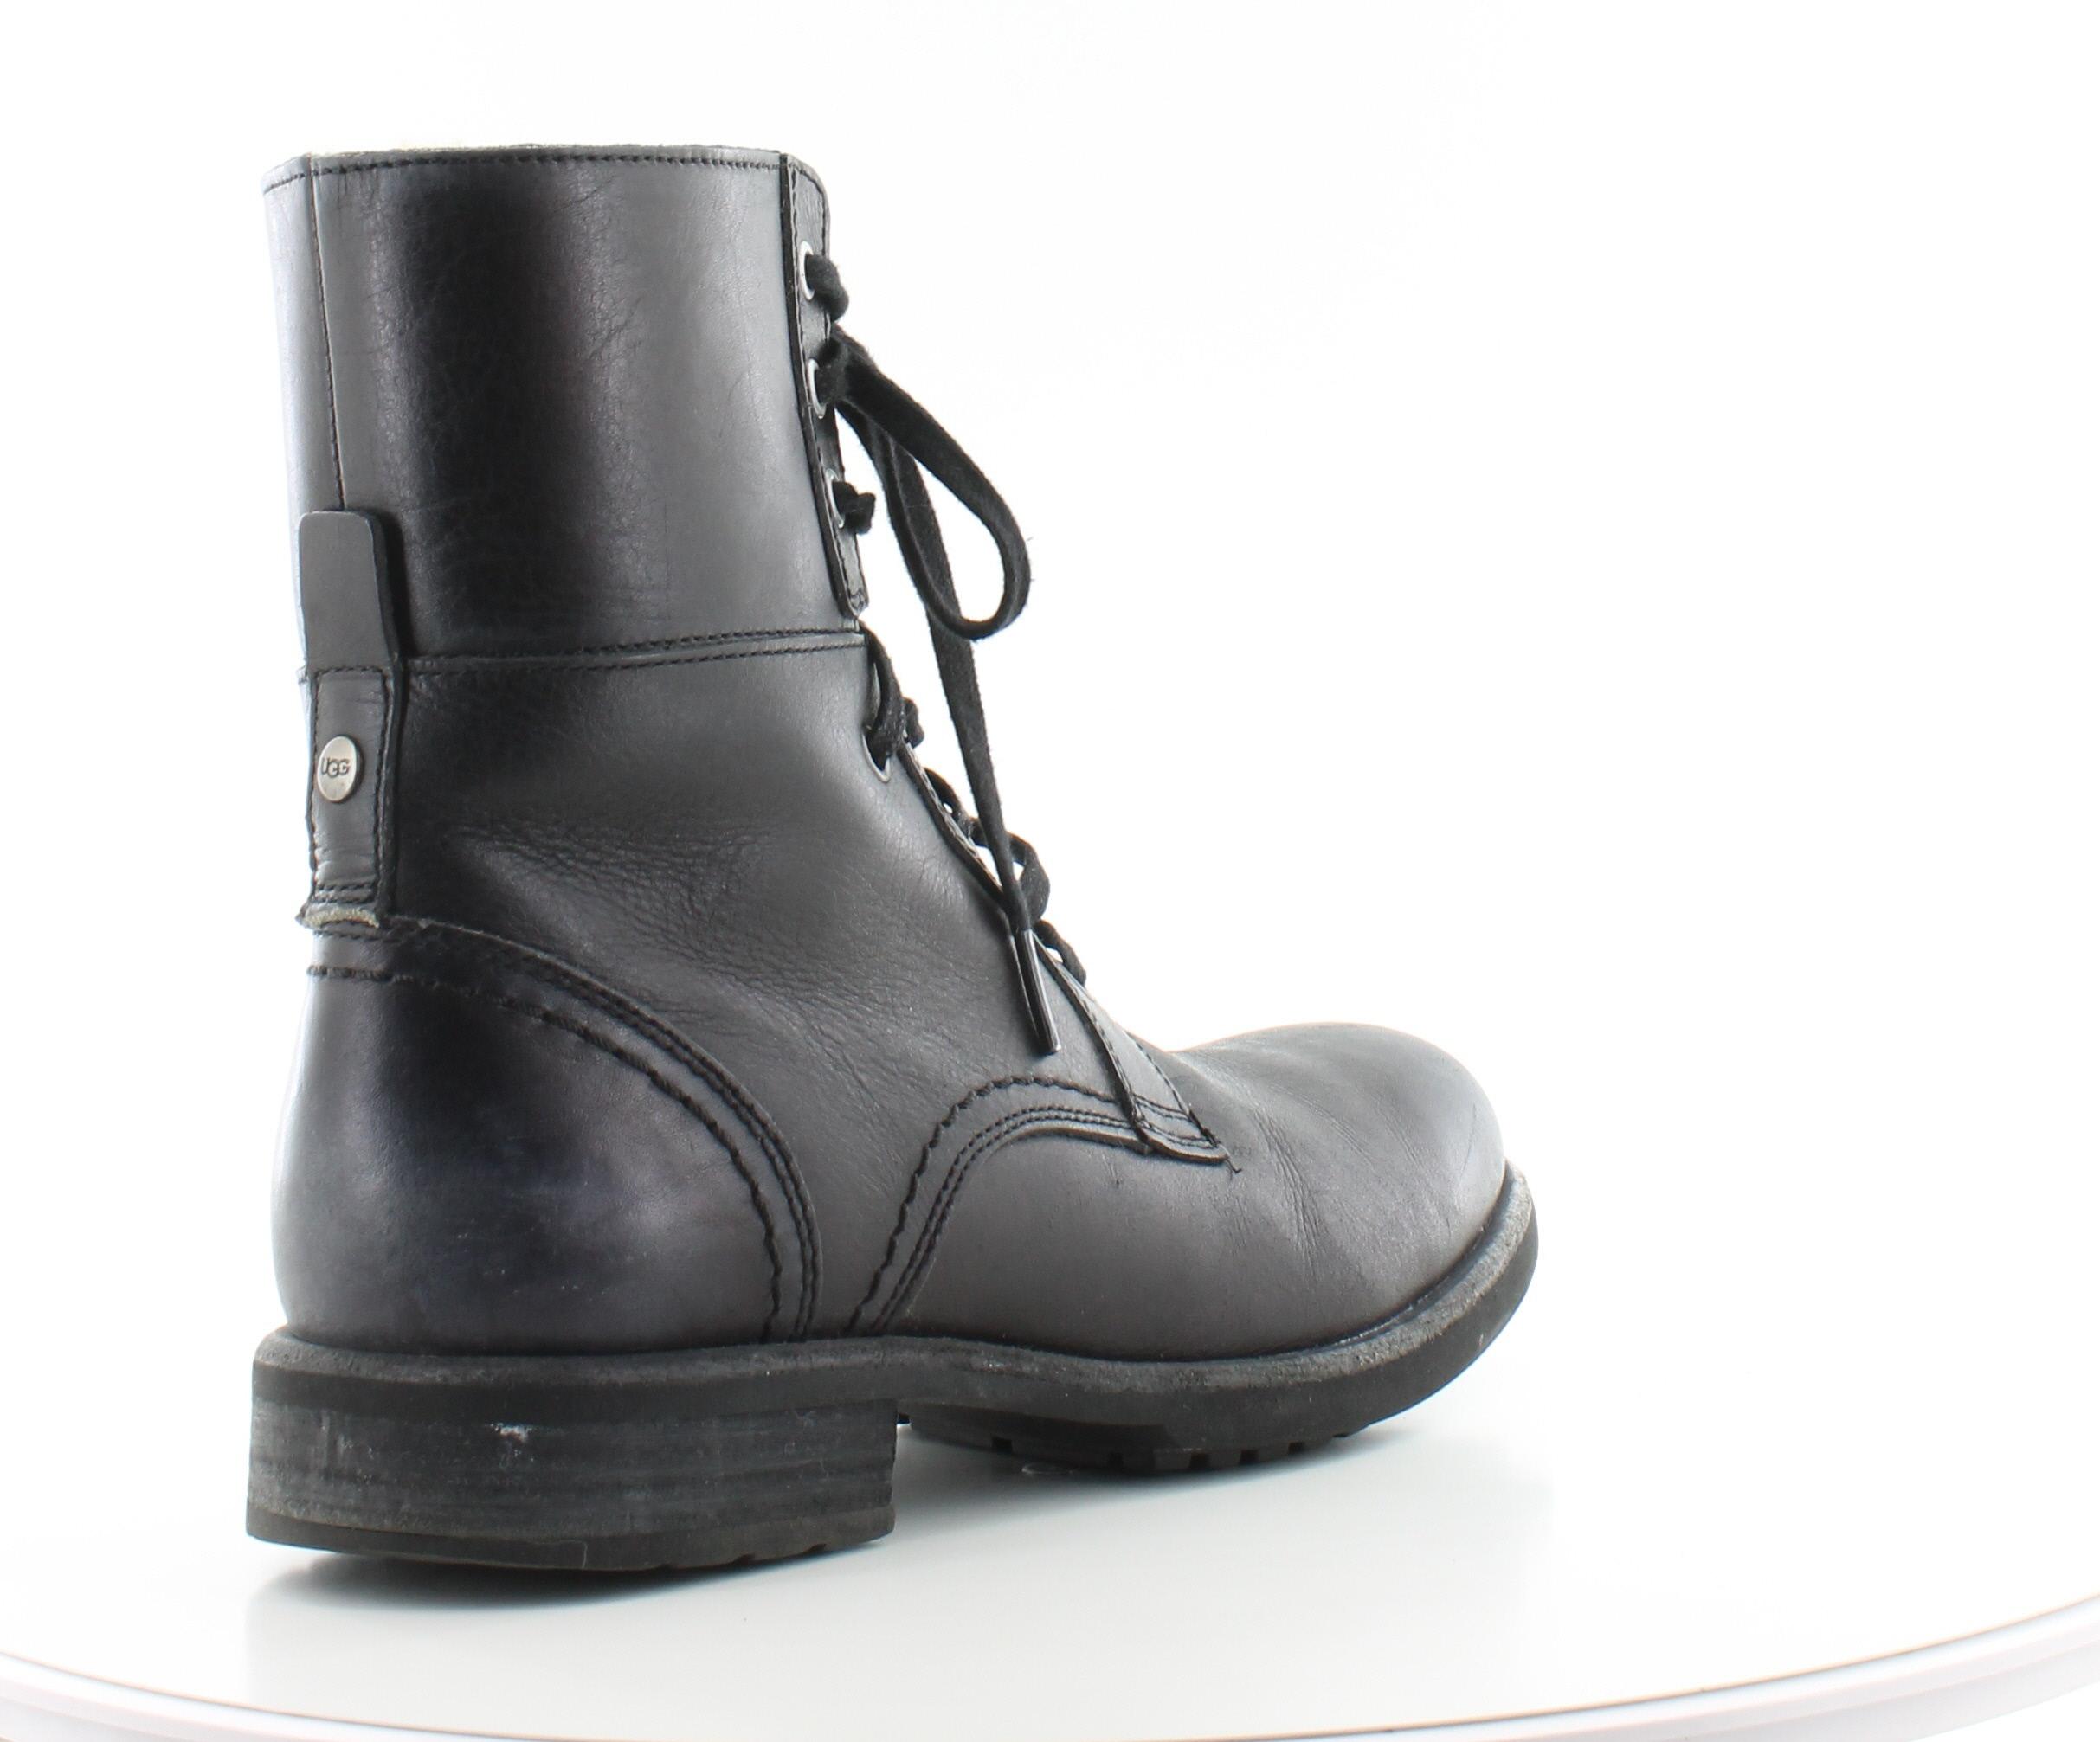 mens ugg boots ebay 28 images ugg australia westly s